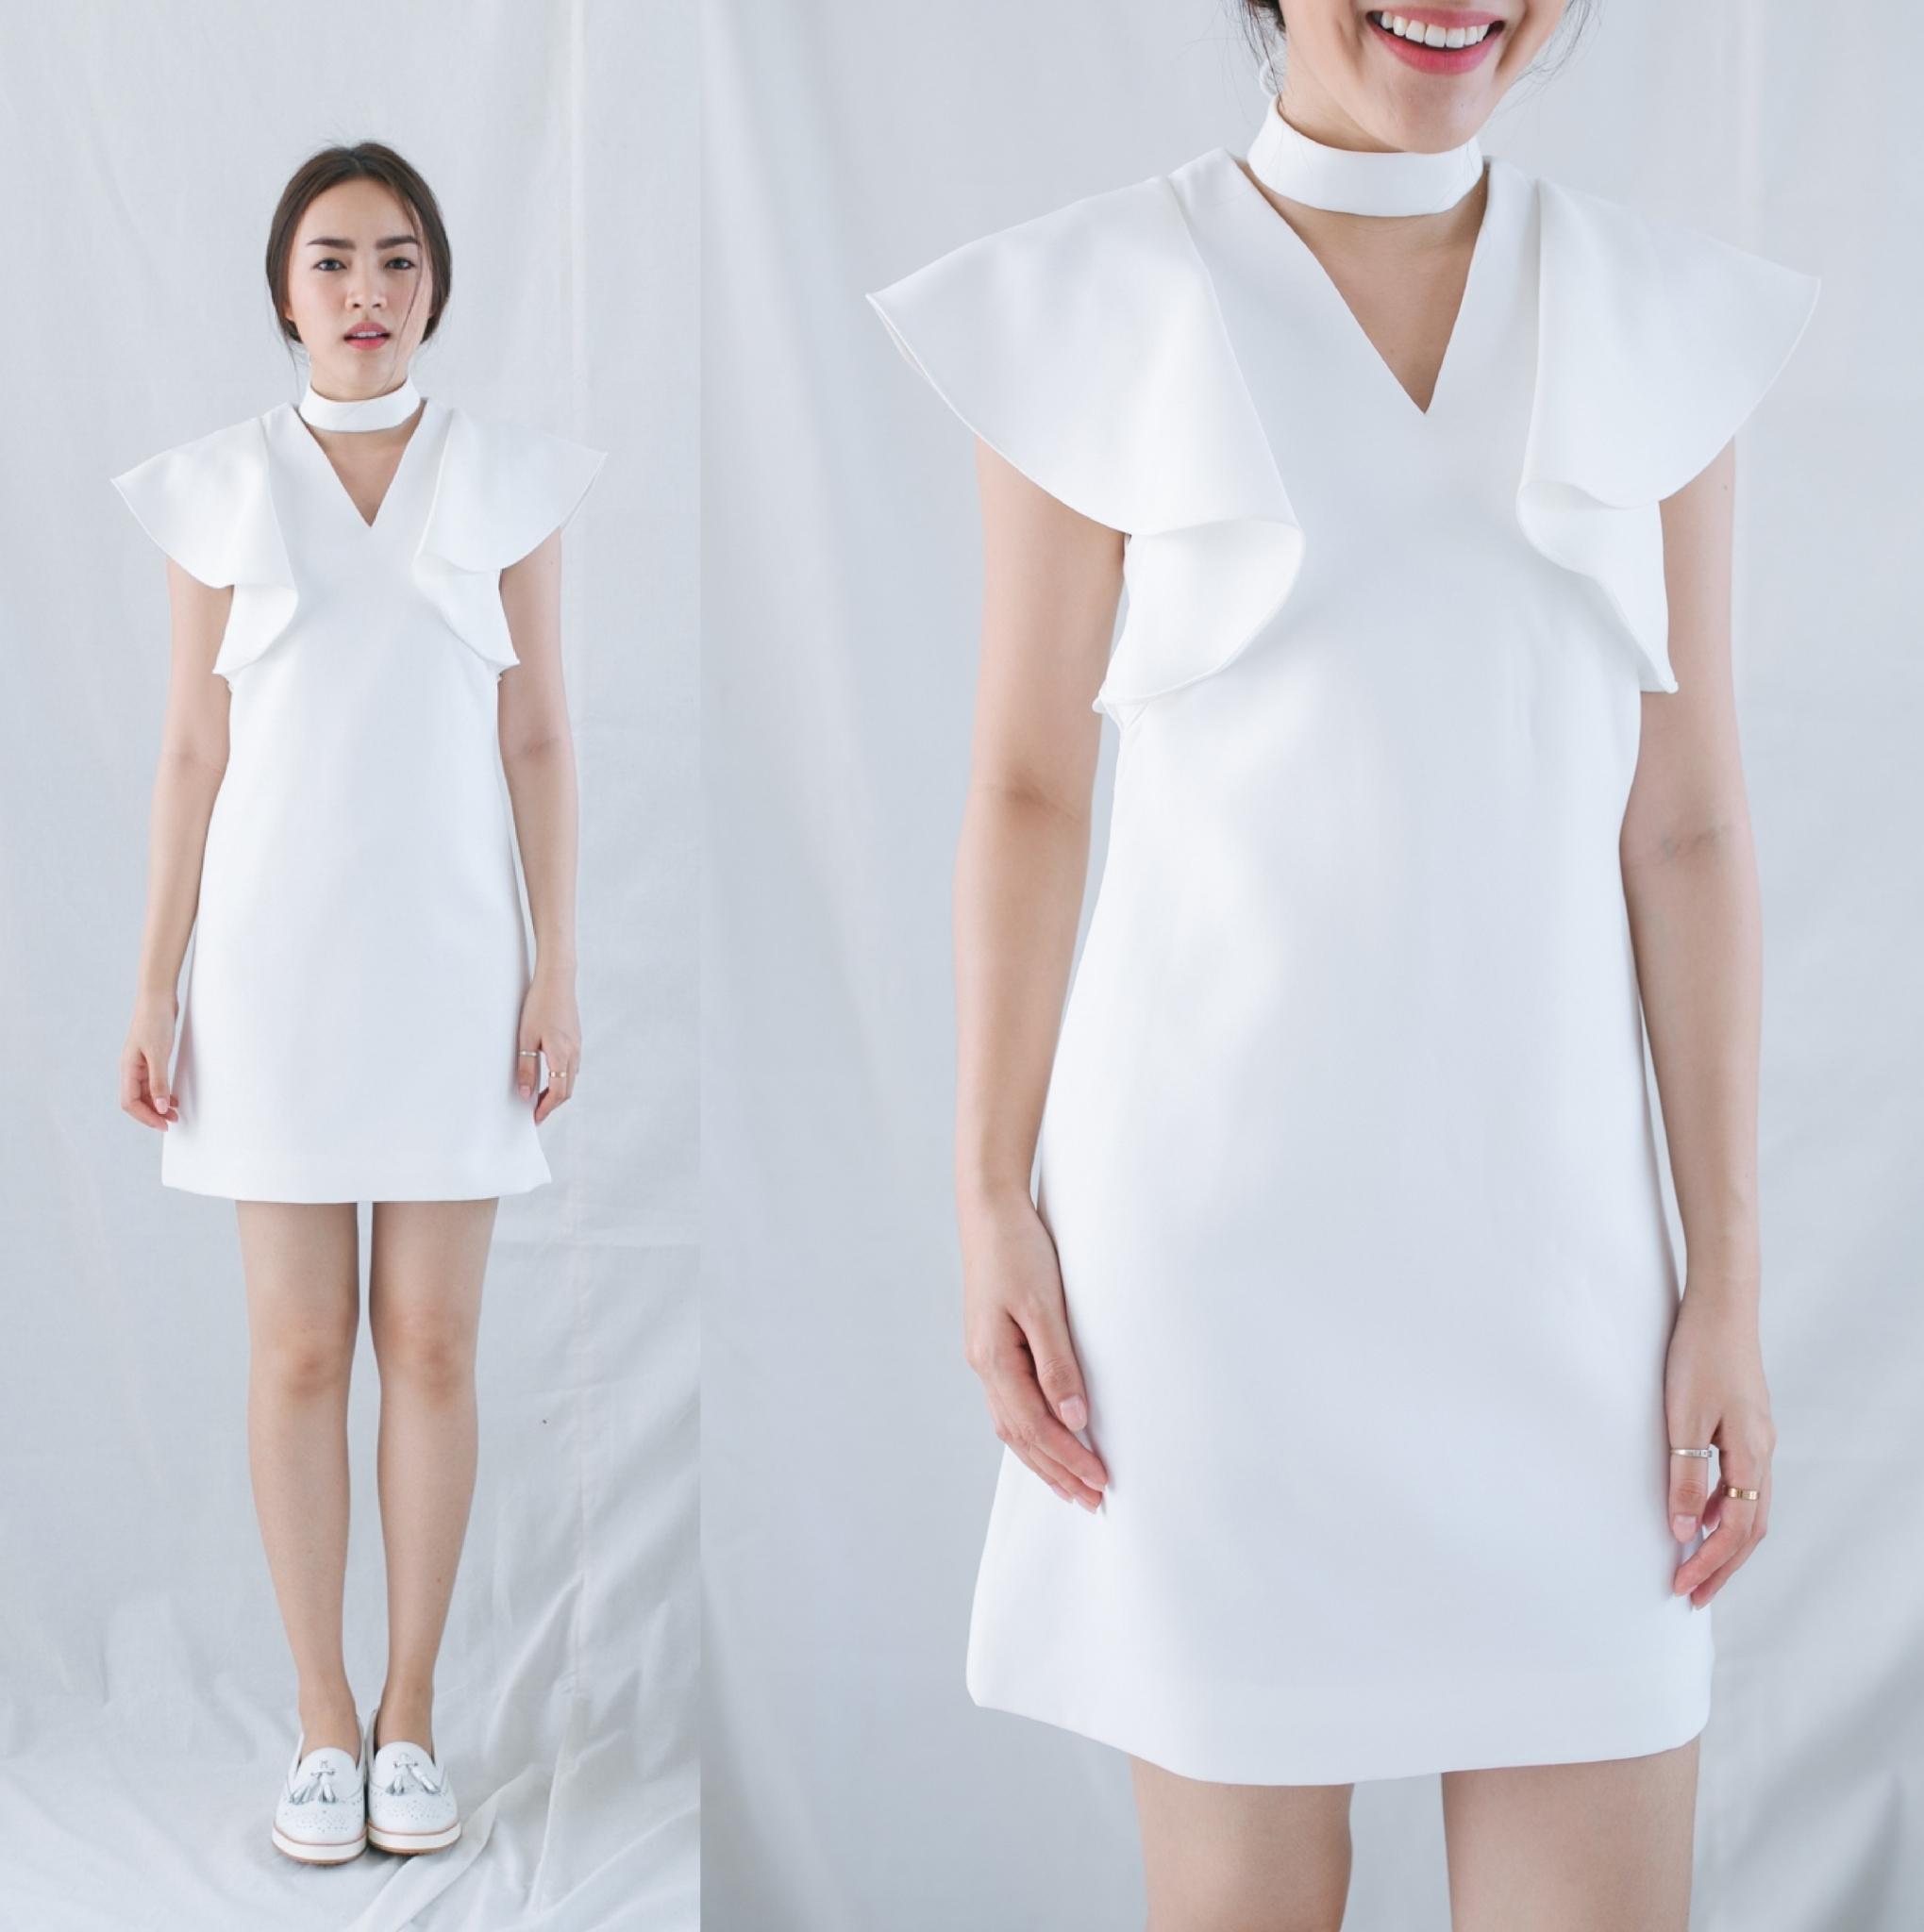 ชุดไปงานแต่ง เดรสสีขาว_1